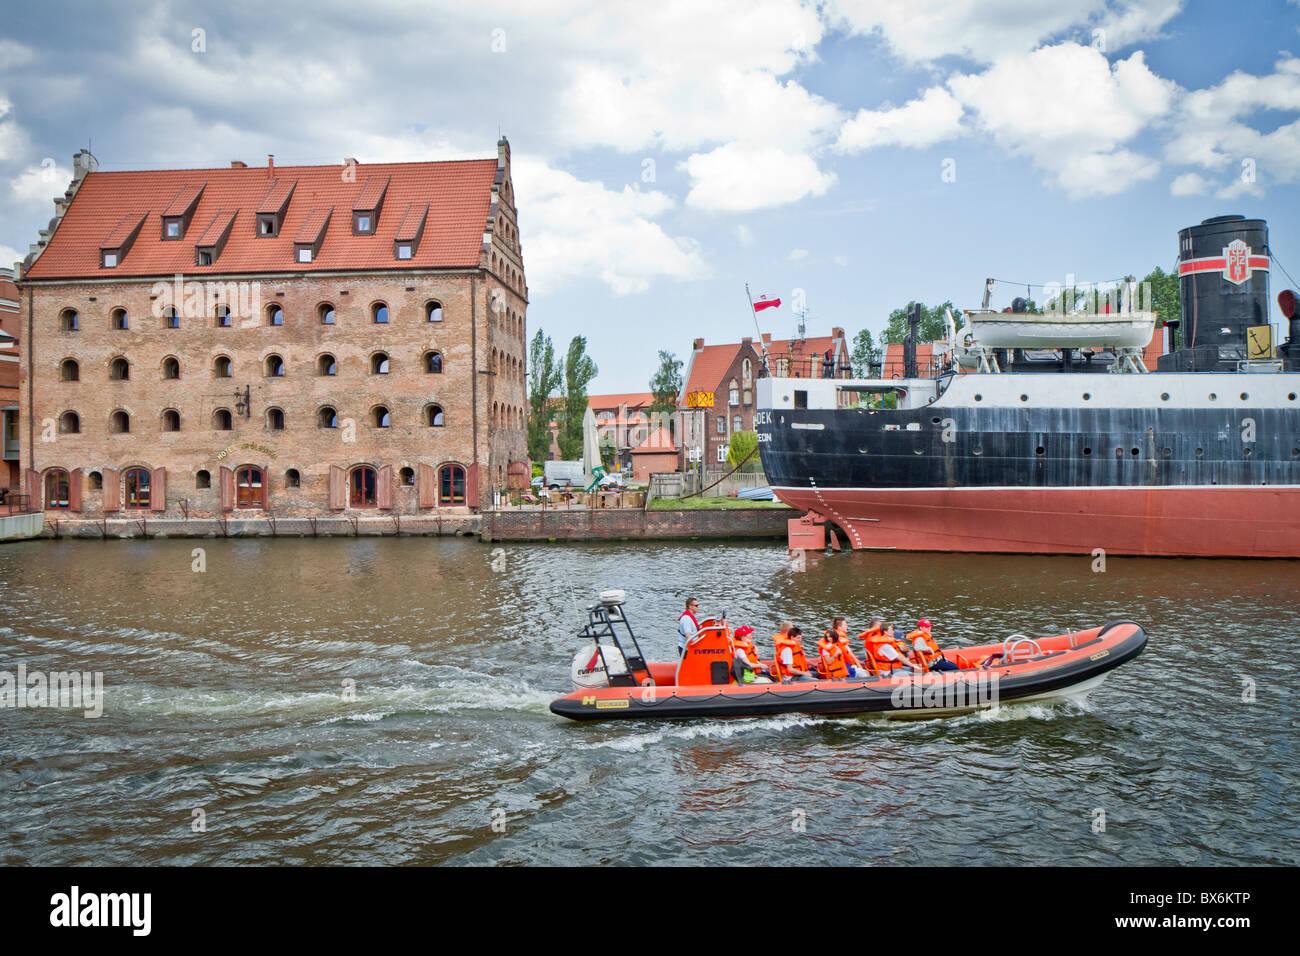 La histórica ciudad de Gdansk, Polonia Imagen De Stock